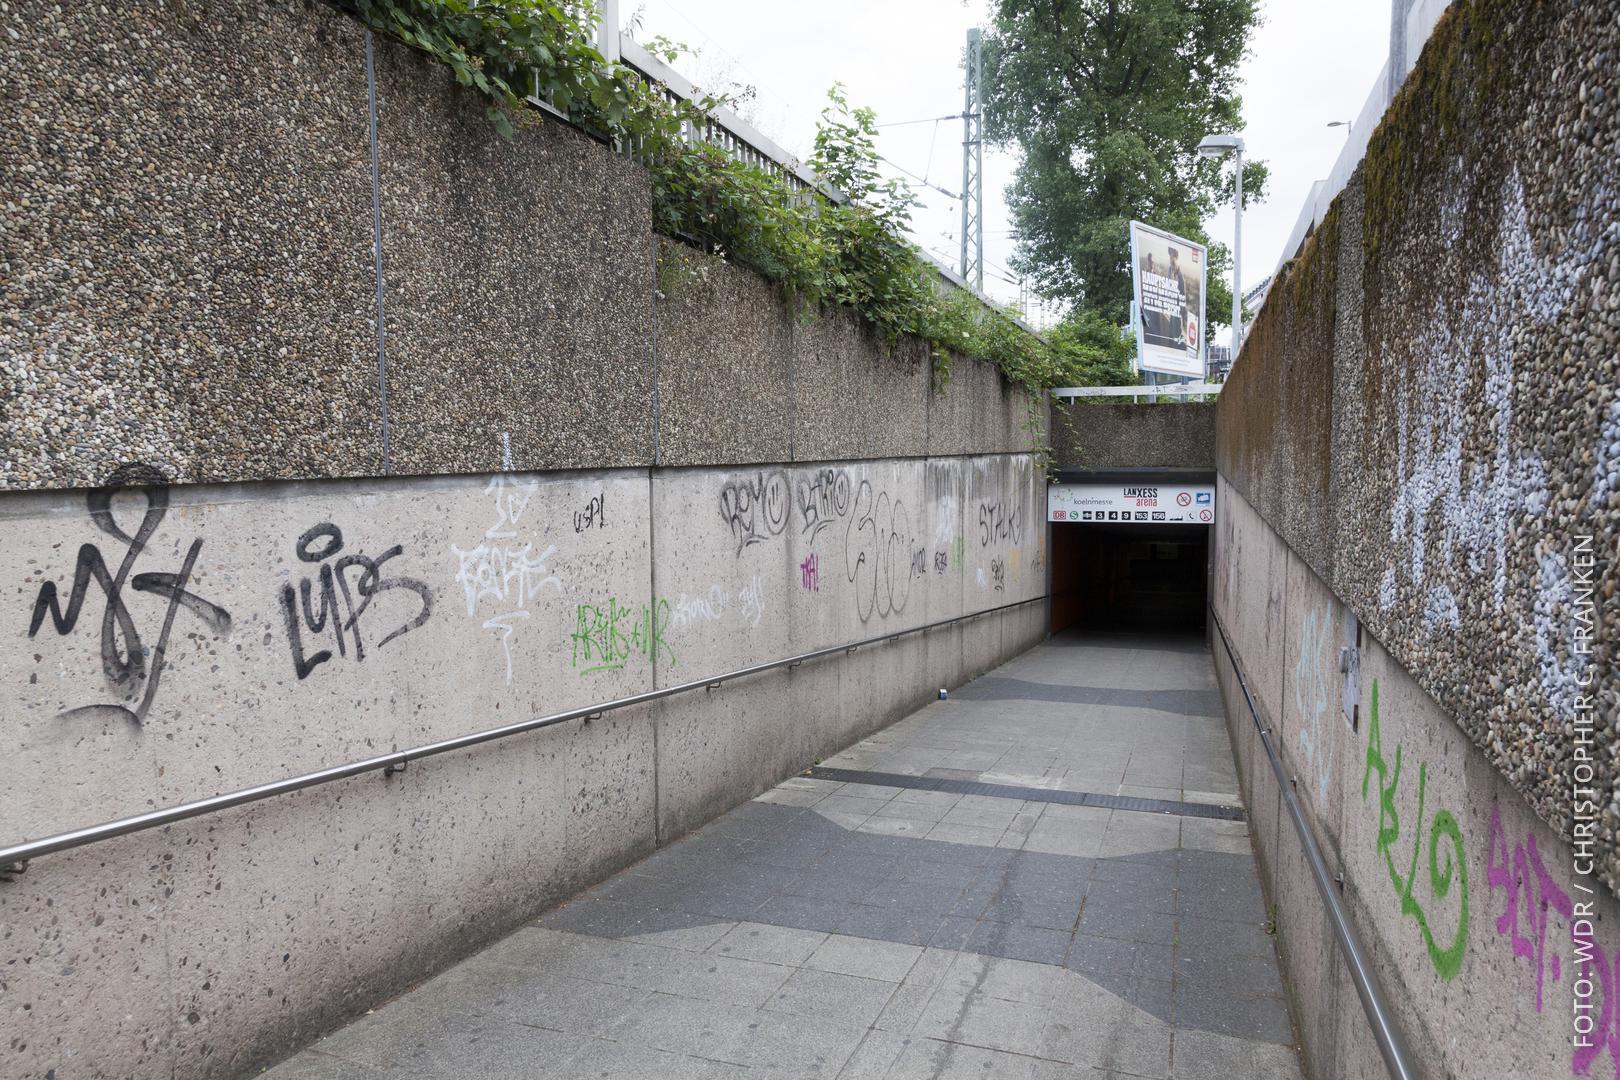 Der Eingang in eine Kölner U-Bahn-Station führt durch einen Betontunnel.